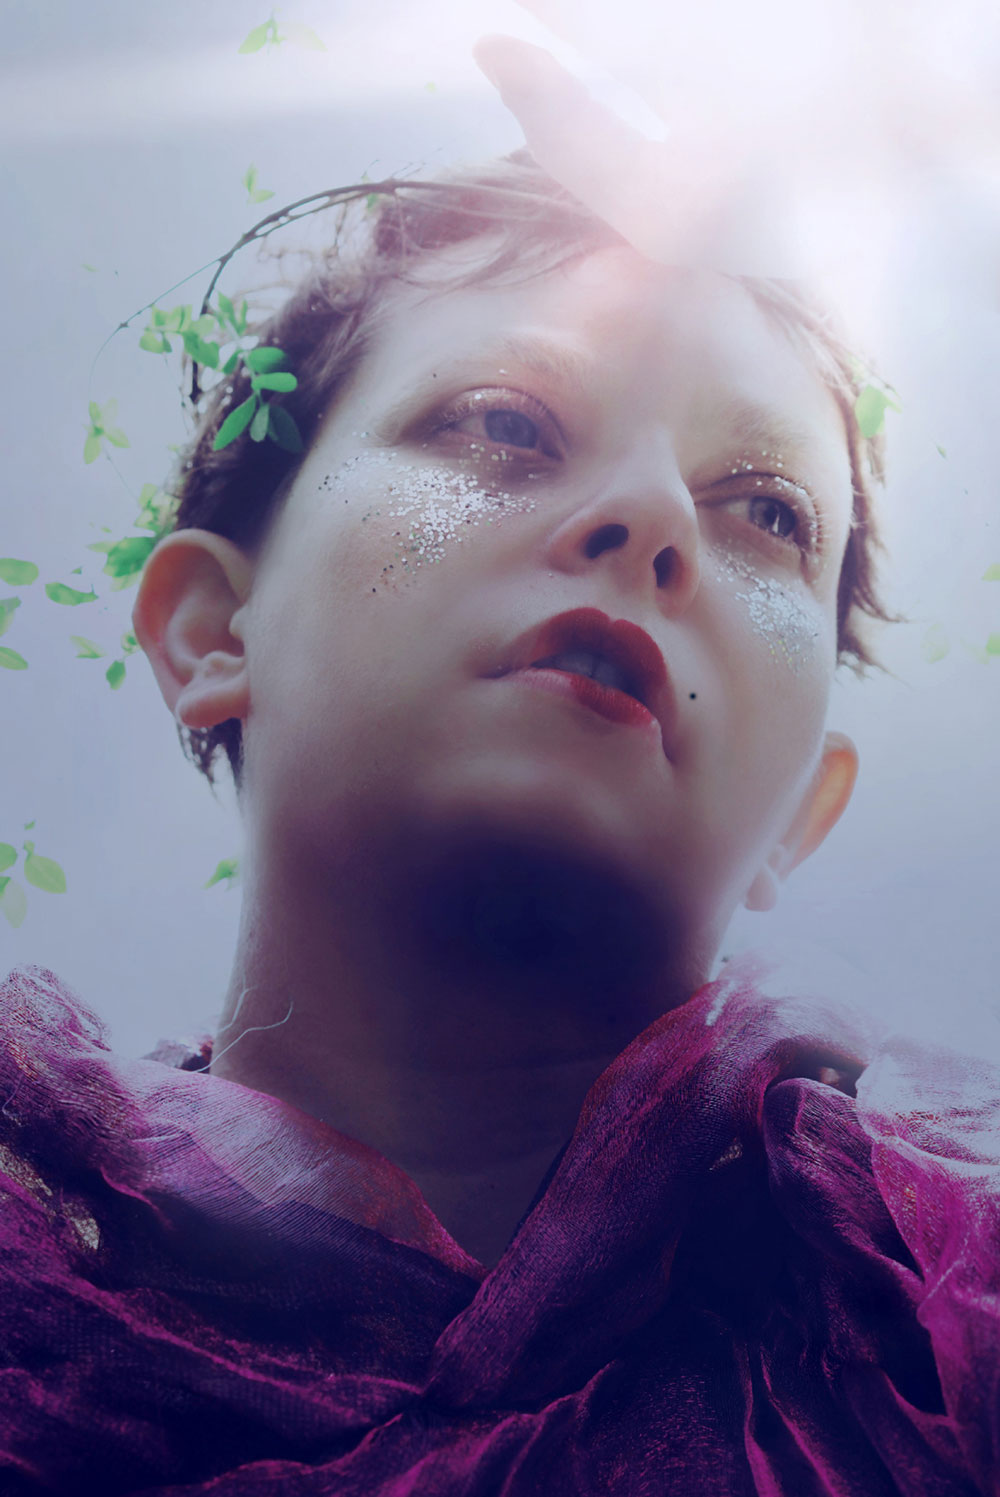 My Flesh's Nature | Jennifer Orhélys